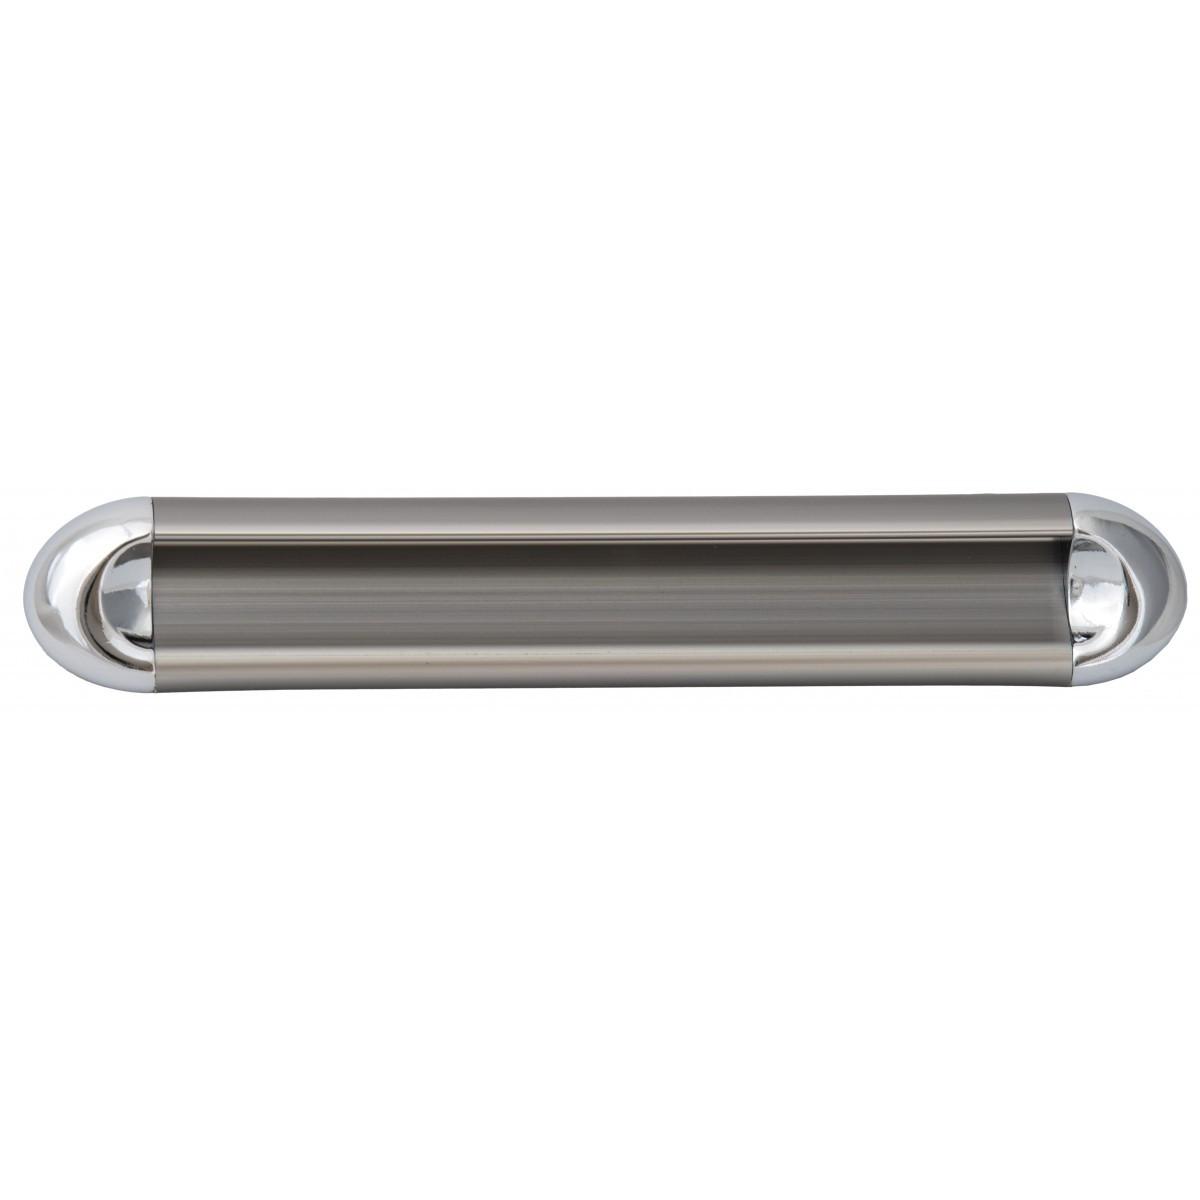 Ручка меблева Ozkardesler 14.313-06/021 SENA KULP 160мм Хром-Сталь